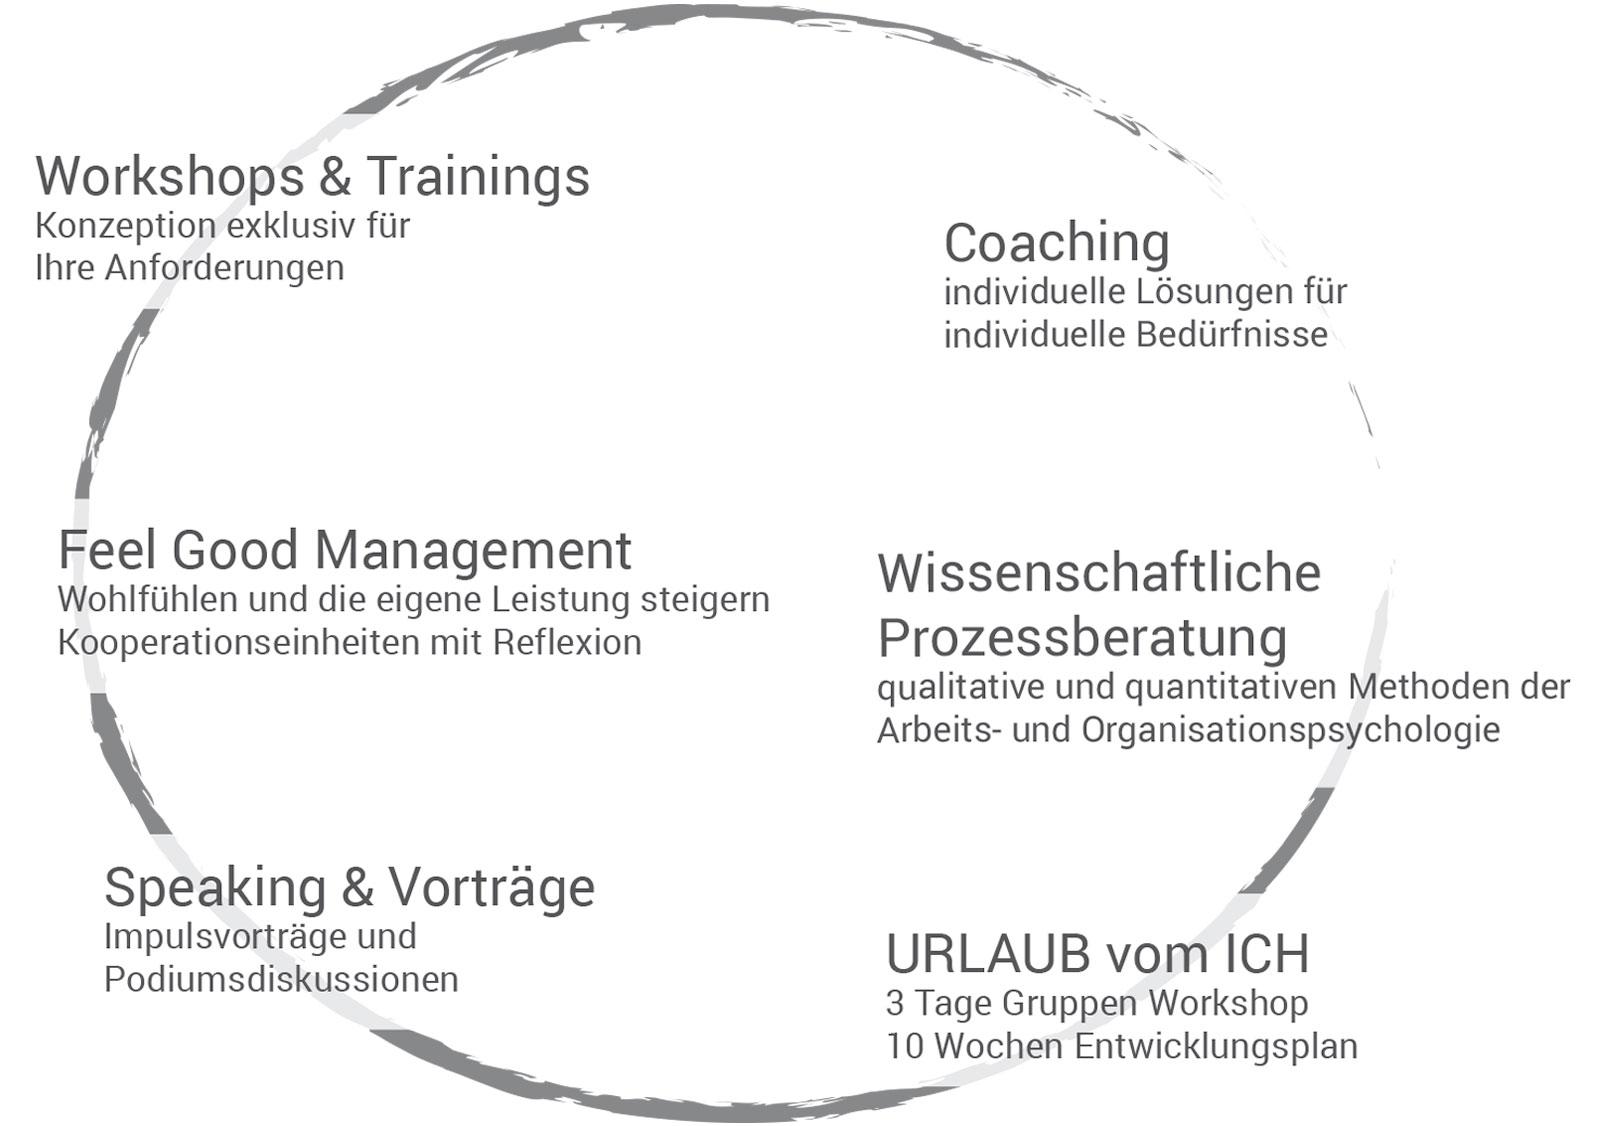 HEINRICH & WIPPERMANN – Klarheit gewinnen – Zukunft gestalten